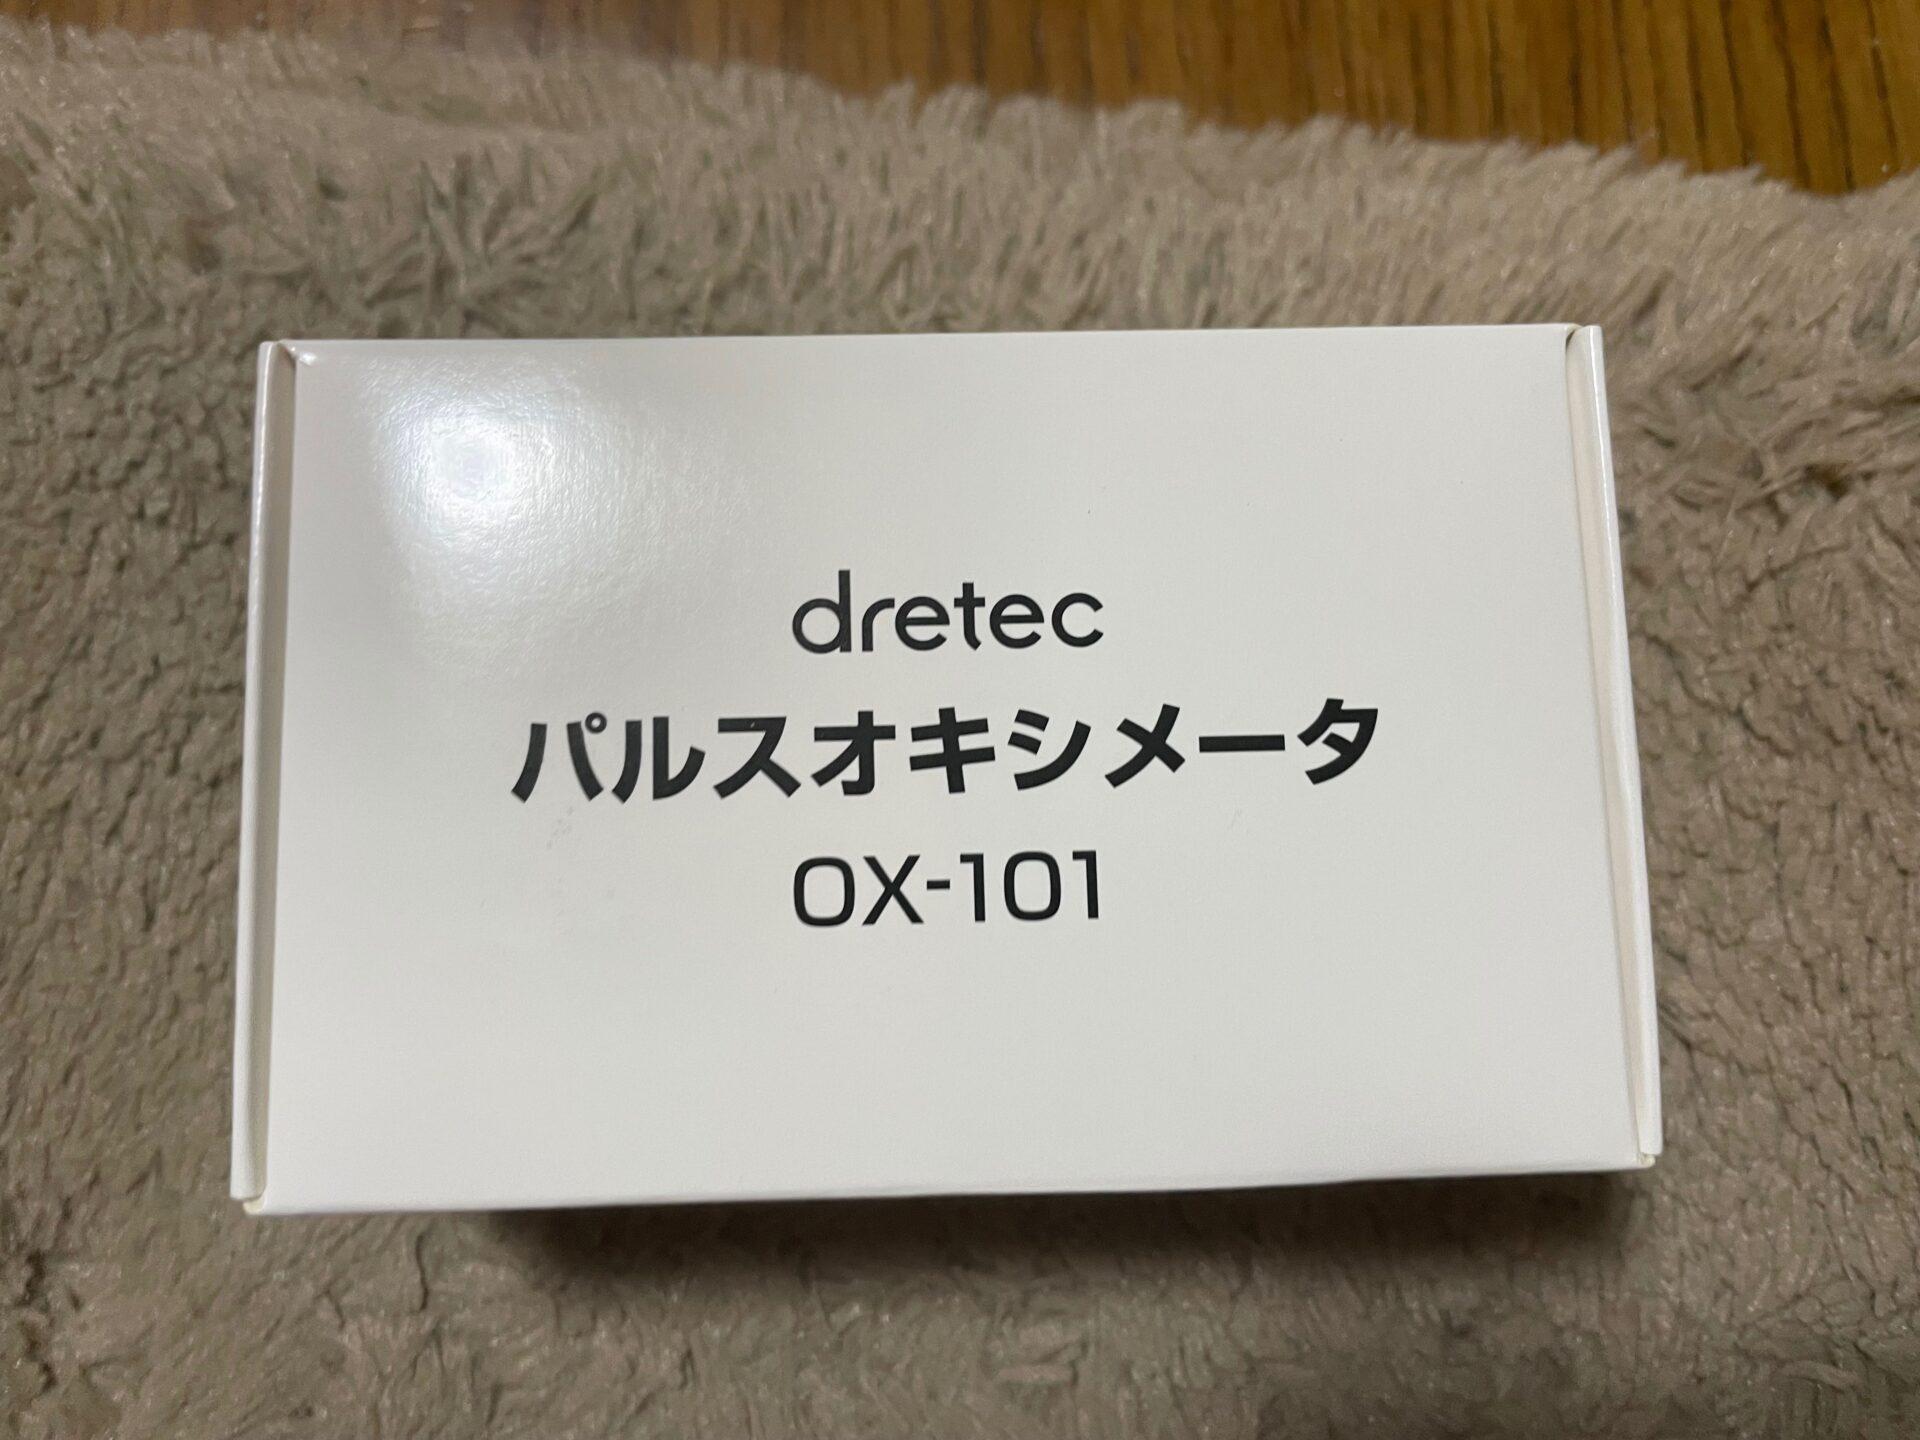 オキシメーター dretec OX-101 箱